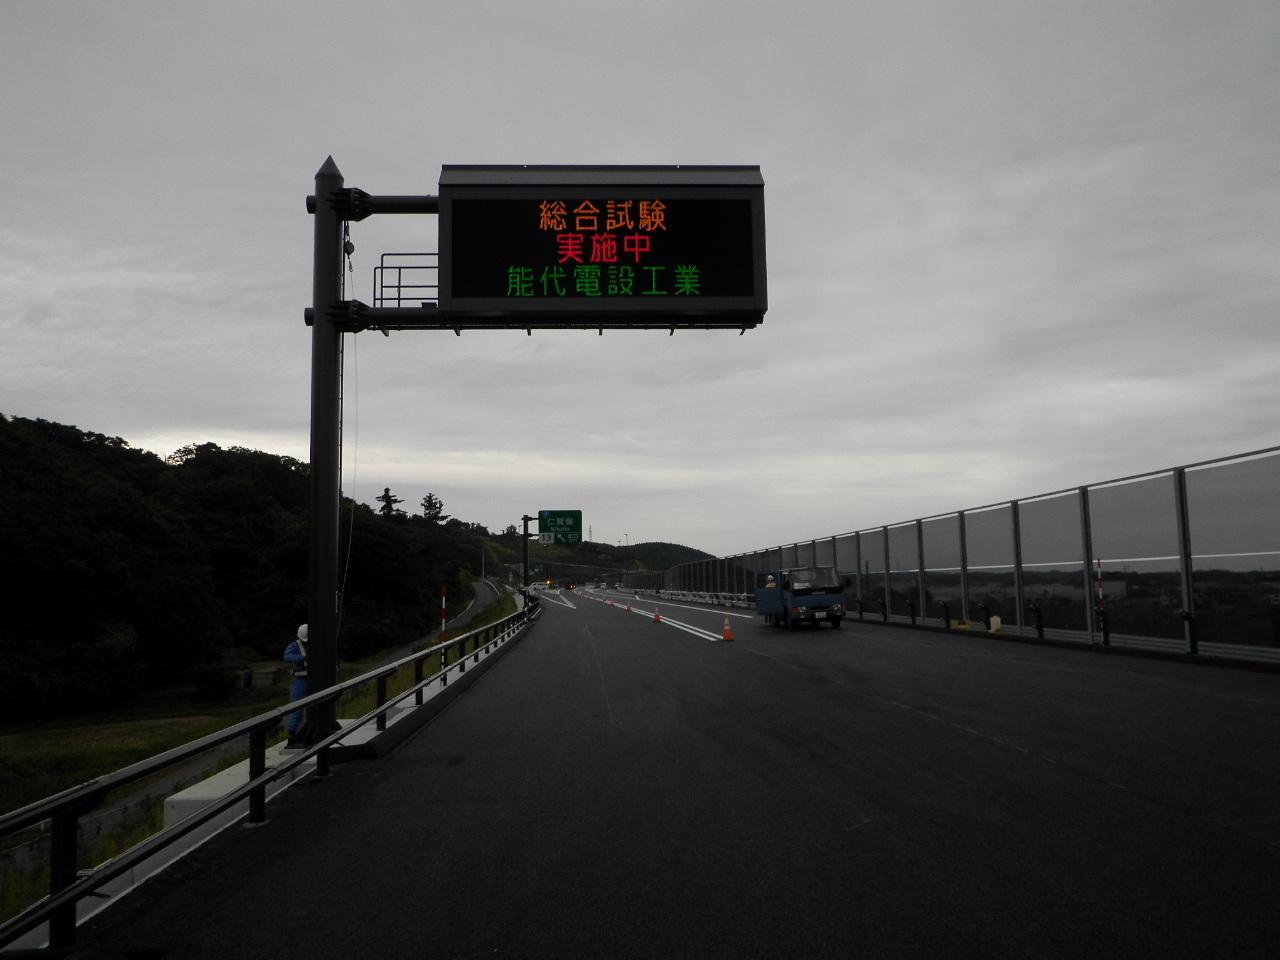 東北地方整備局 象潟仁賀保道路情報表示設備設置工事